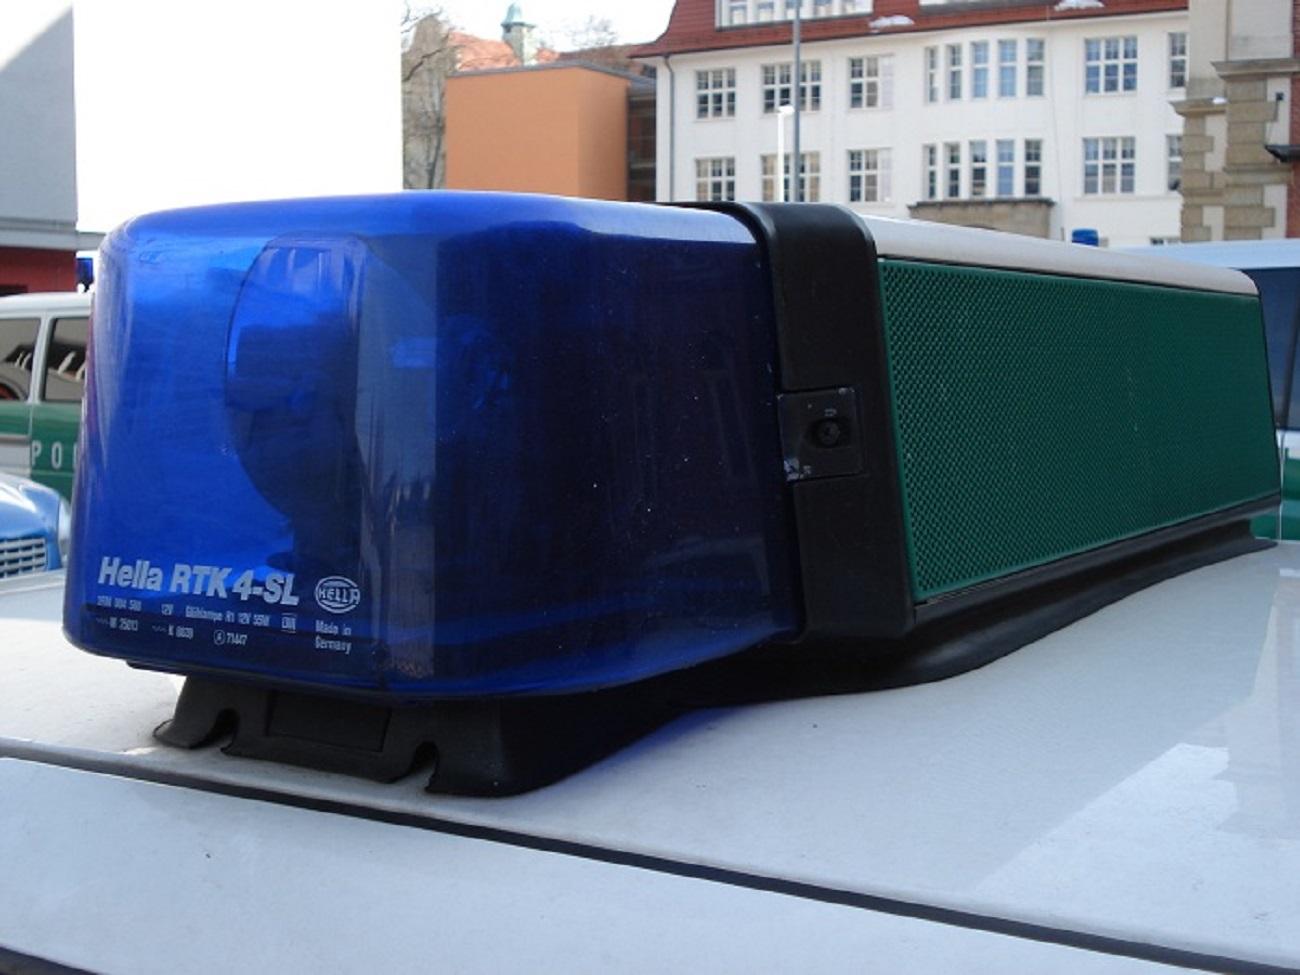 ВКраснодаре среди ночи перевернулся автомобиль с нетрезвыми мужчинами